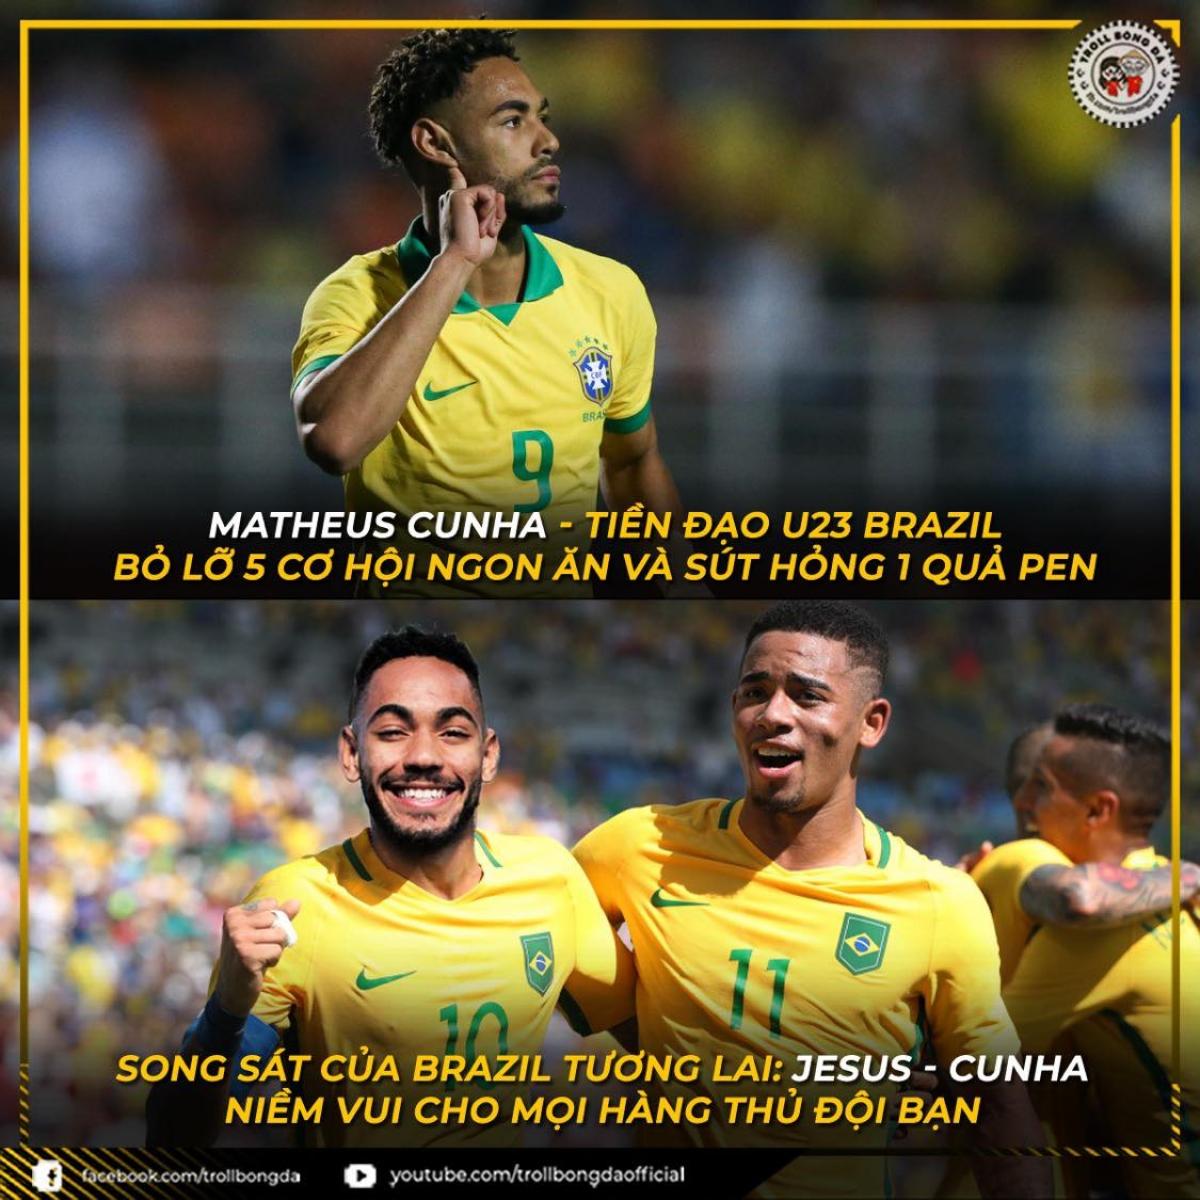 """Matheus Cunha - tiền đạo """"chân gỗ"""" mới của Brazil. (Ảnh: Troll bóng đá)."""